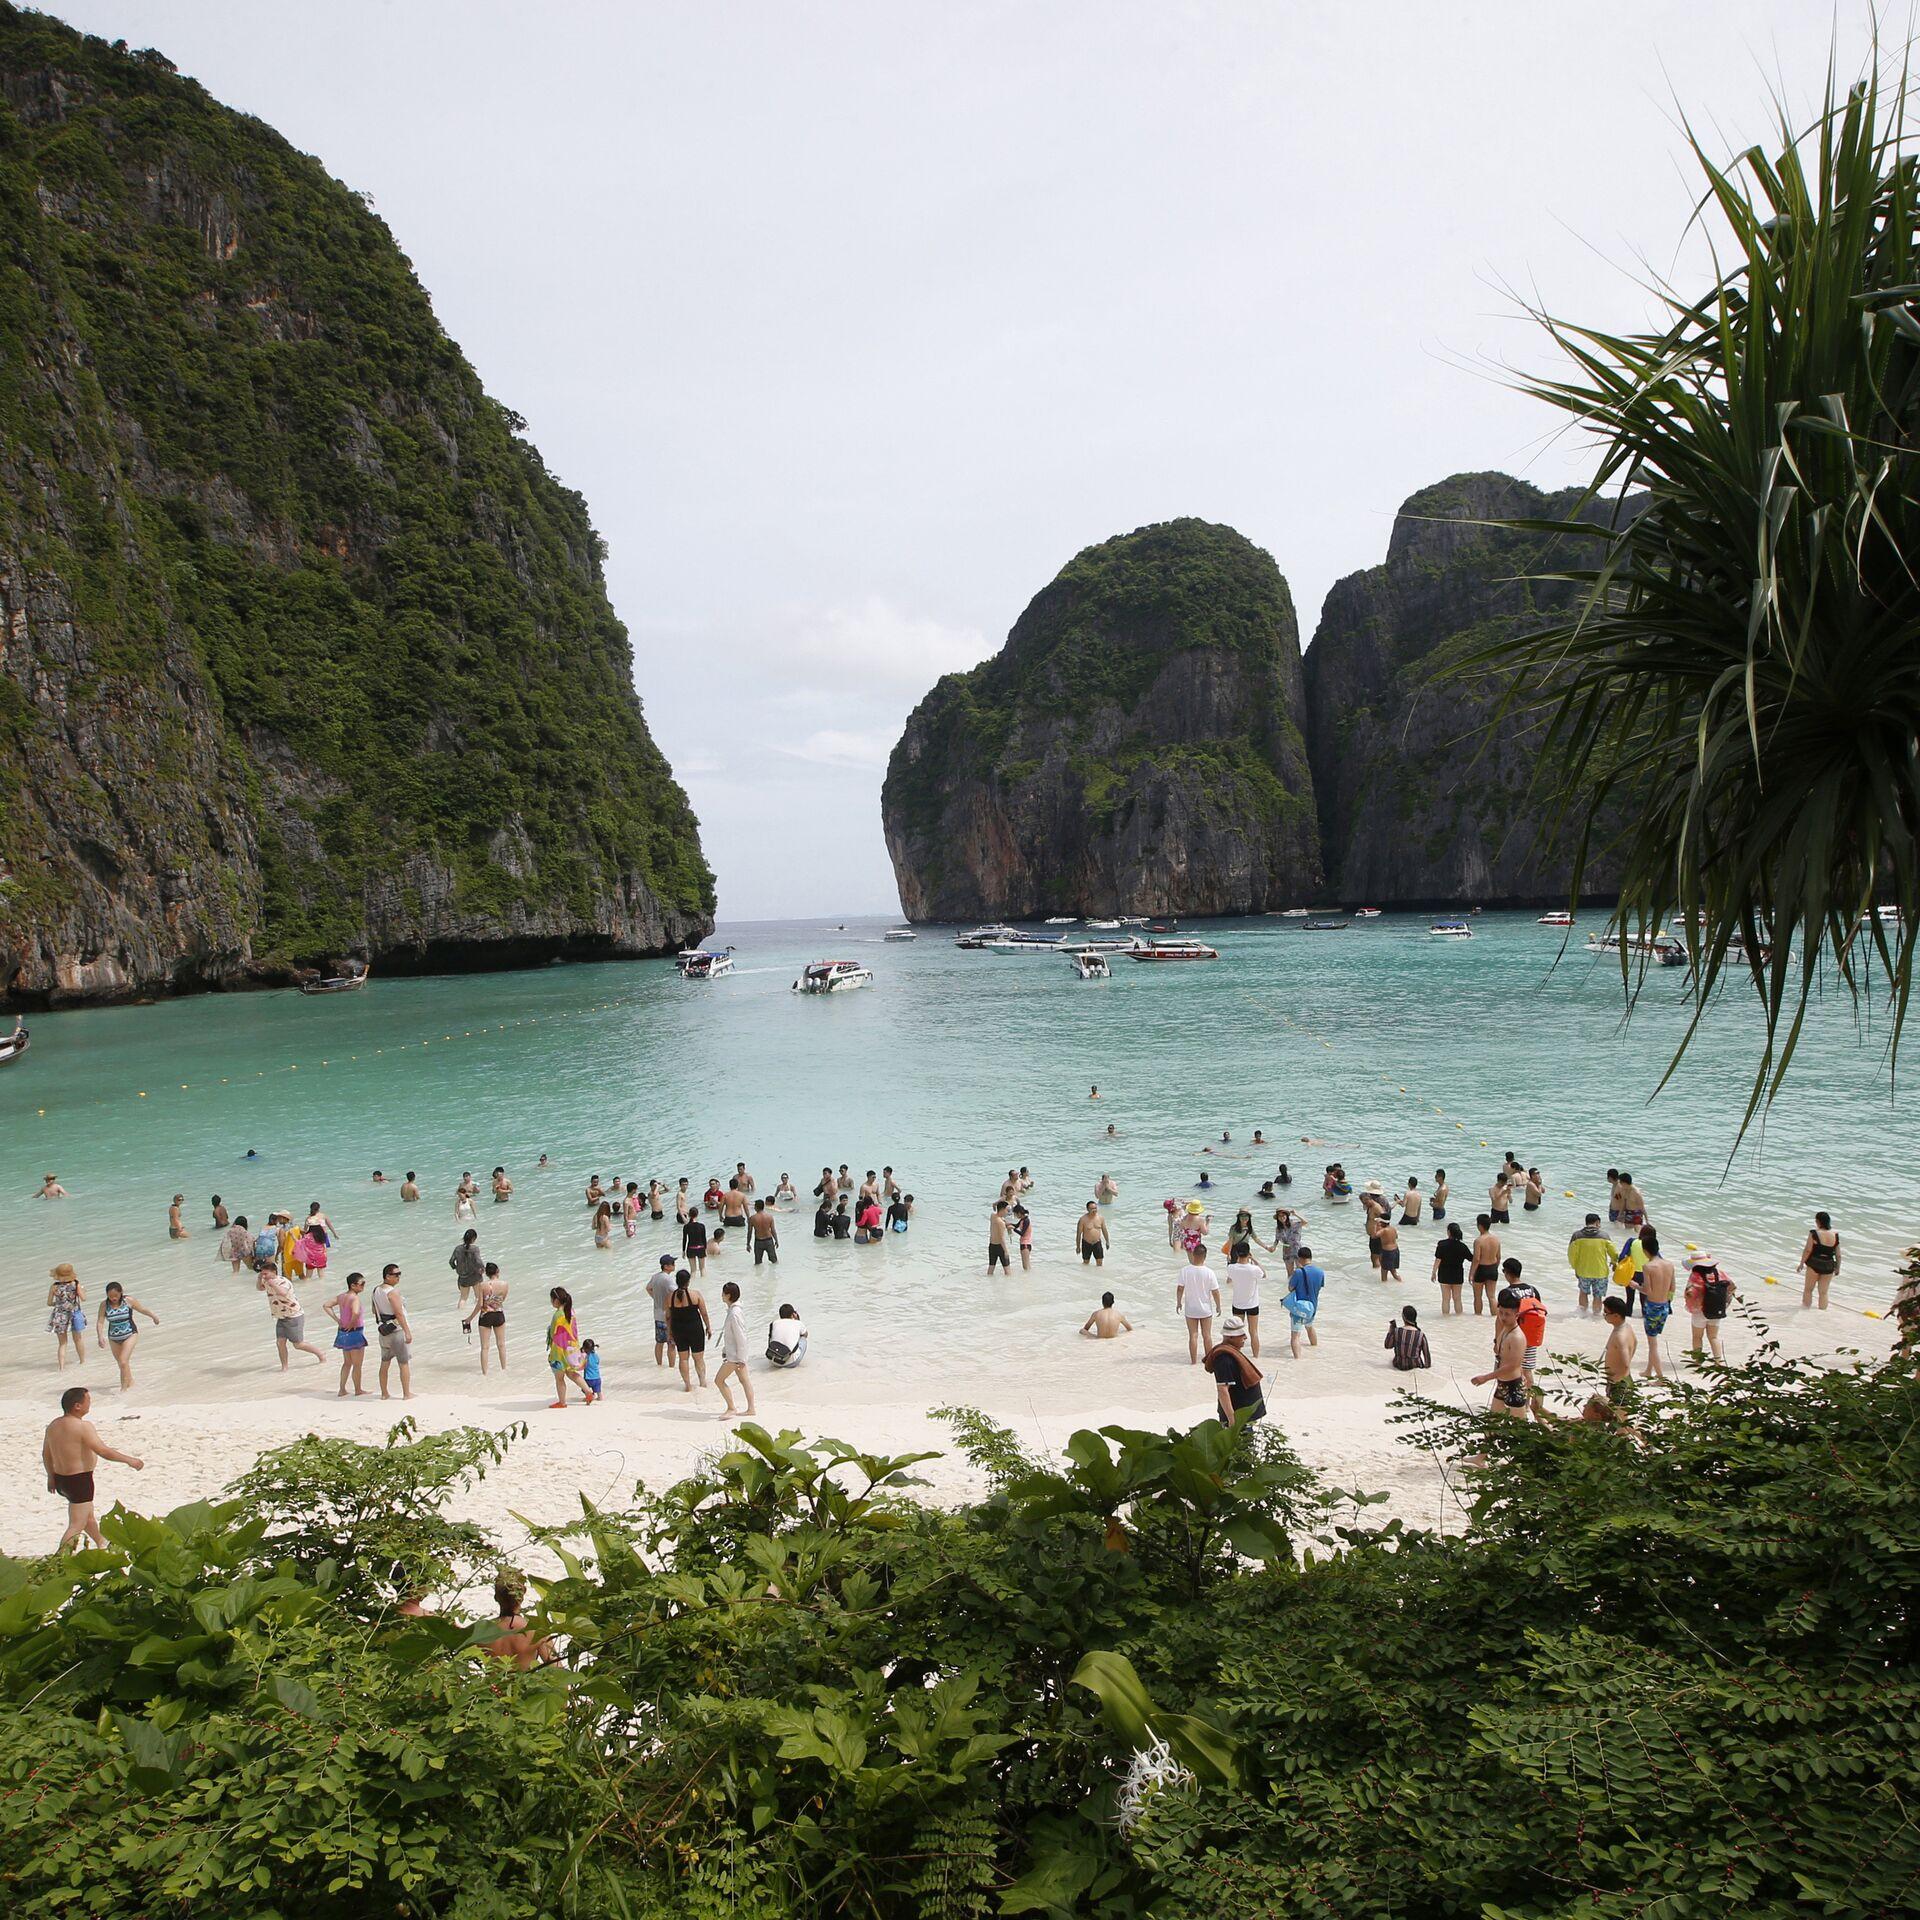 Иммиграция пенсионеров в таиланд купить недвижимость в хорватии цены